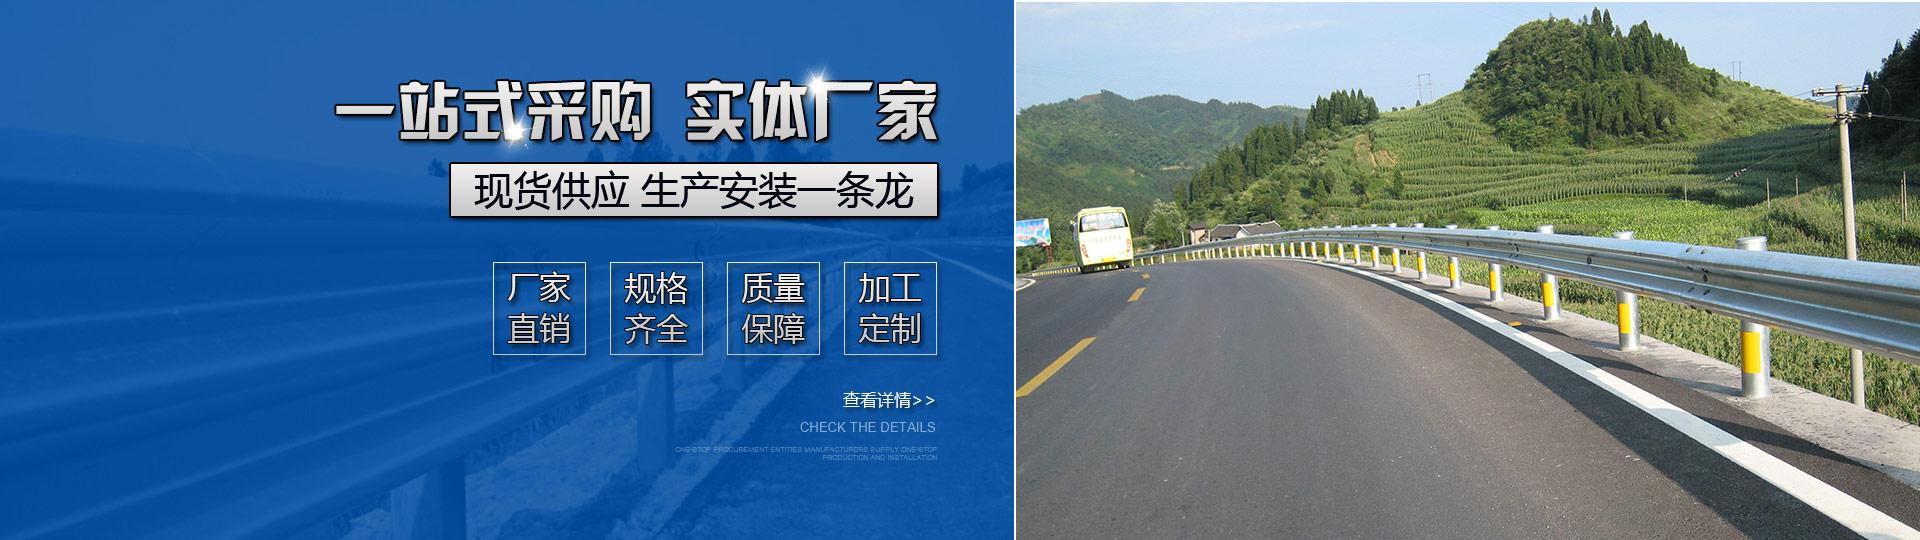 伟德中文版下载_伟德国际亚洲平台首页_bet伟德网页